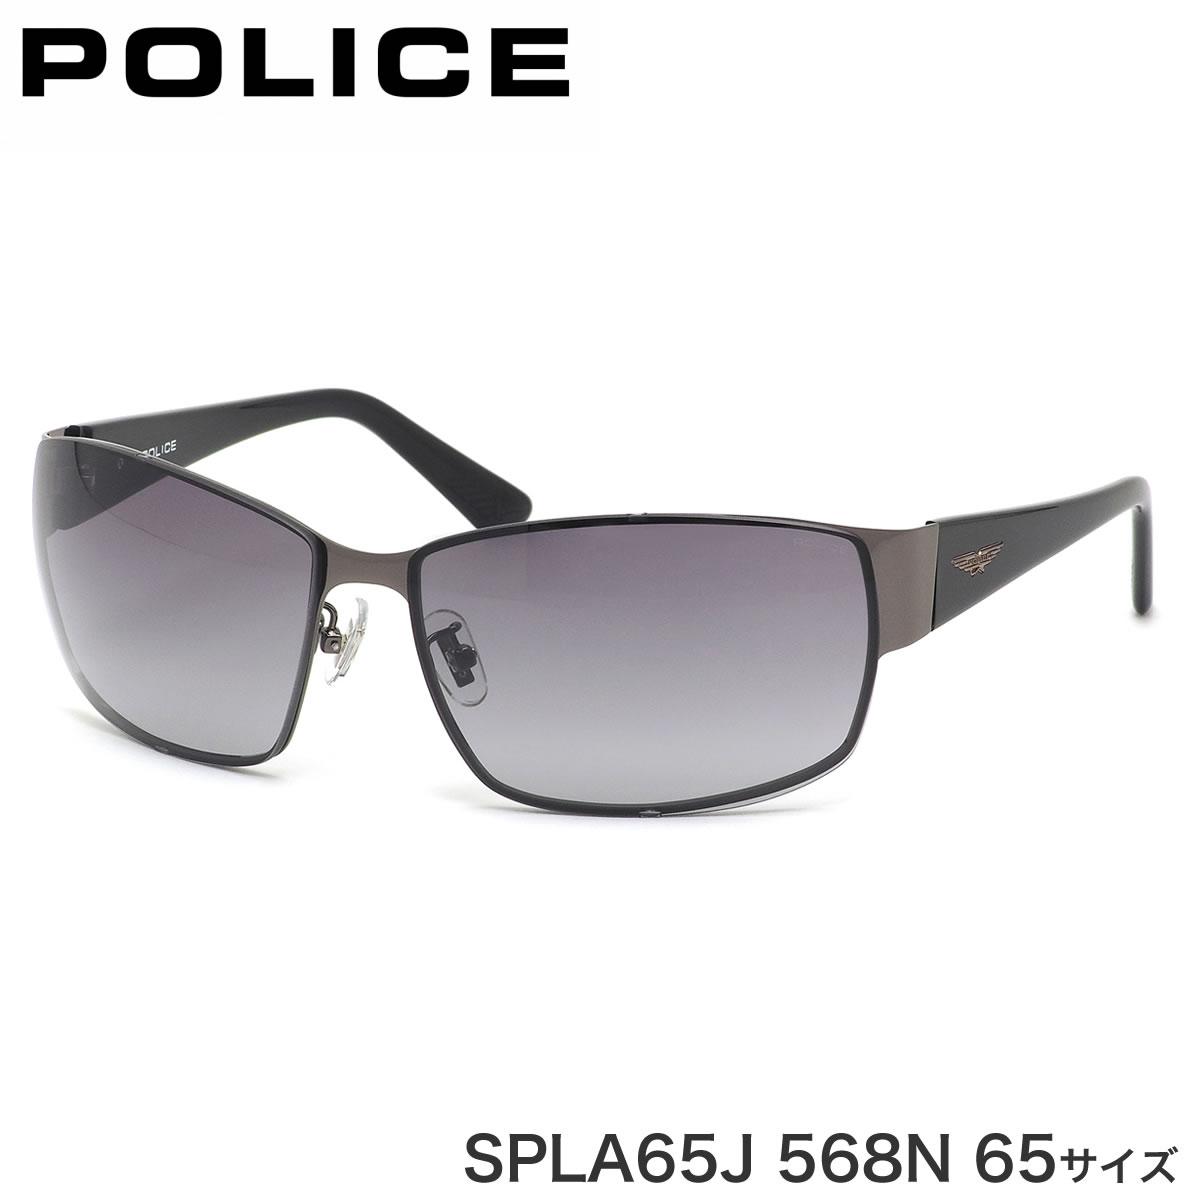 ポリス POLICE サングラス SPLA65J 568N 65サイズ ORIGINS SPLA65J オリジン 縁なし グラデーションレンズ かっこいい メンズ レディース